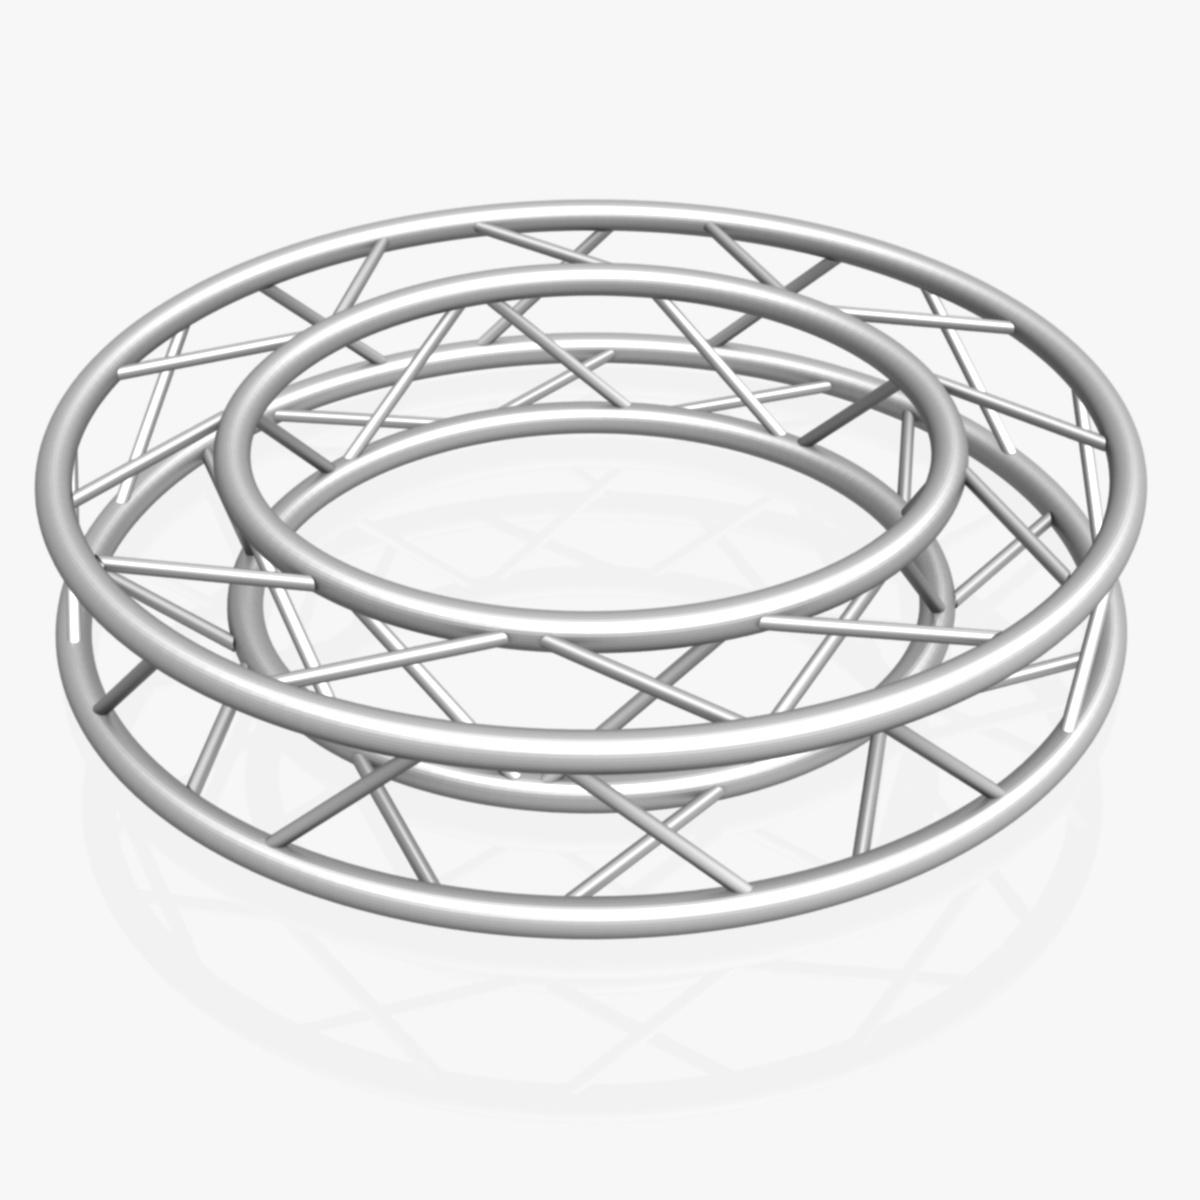 lingkaran persegi kekuda diameter penuh 150cm 3d model 3ds max fbx c4d dae obj 252292